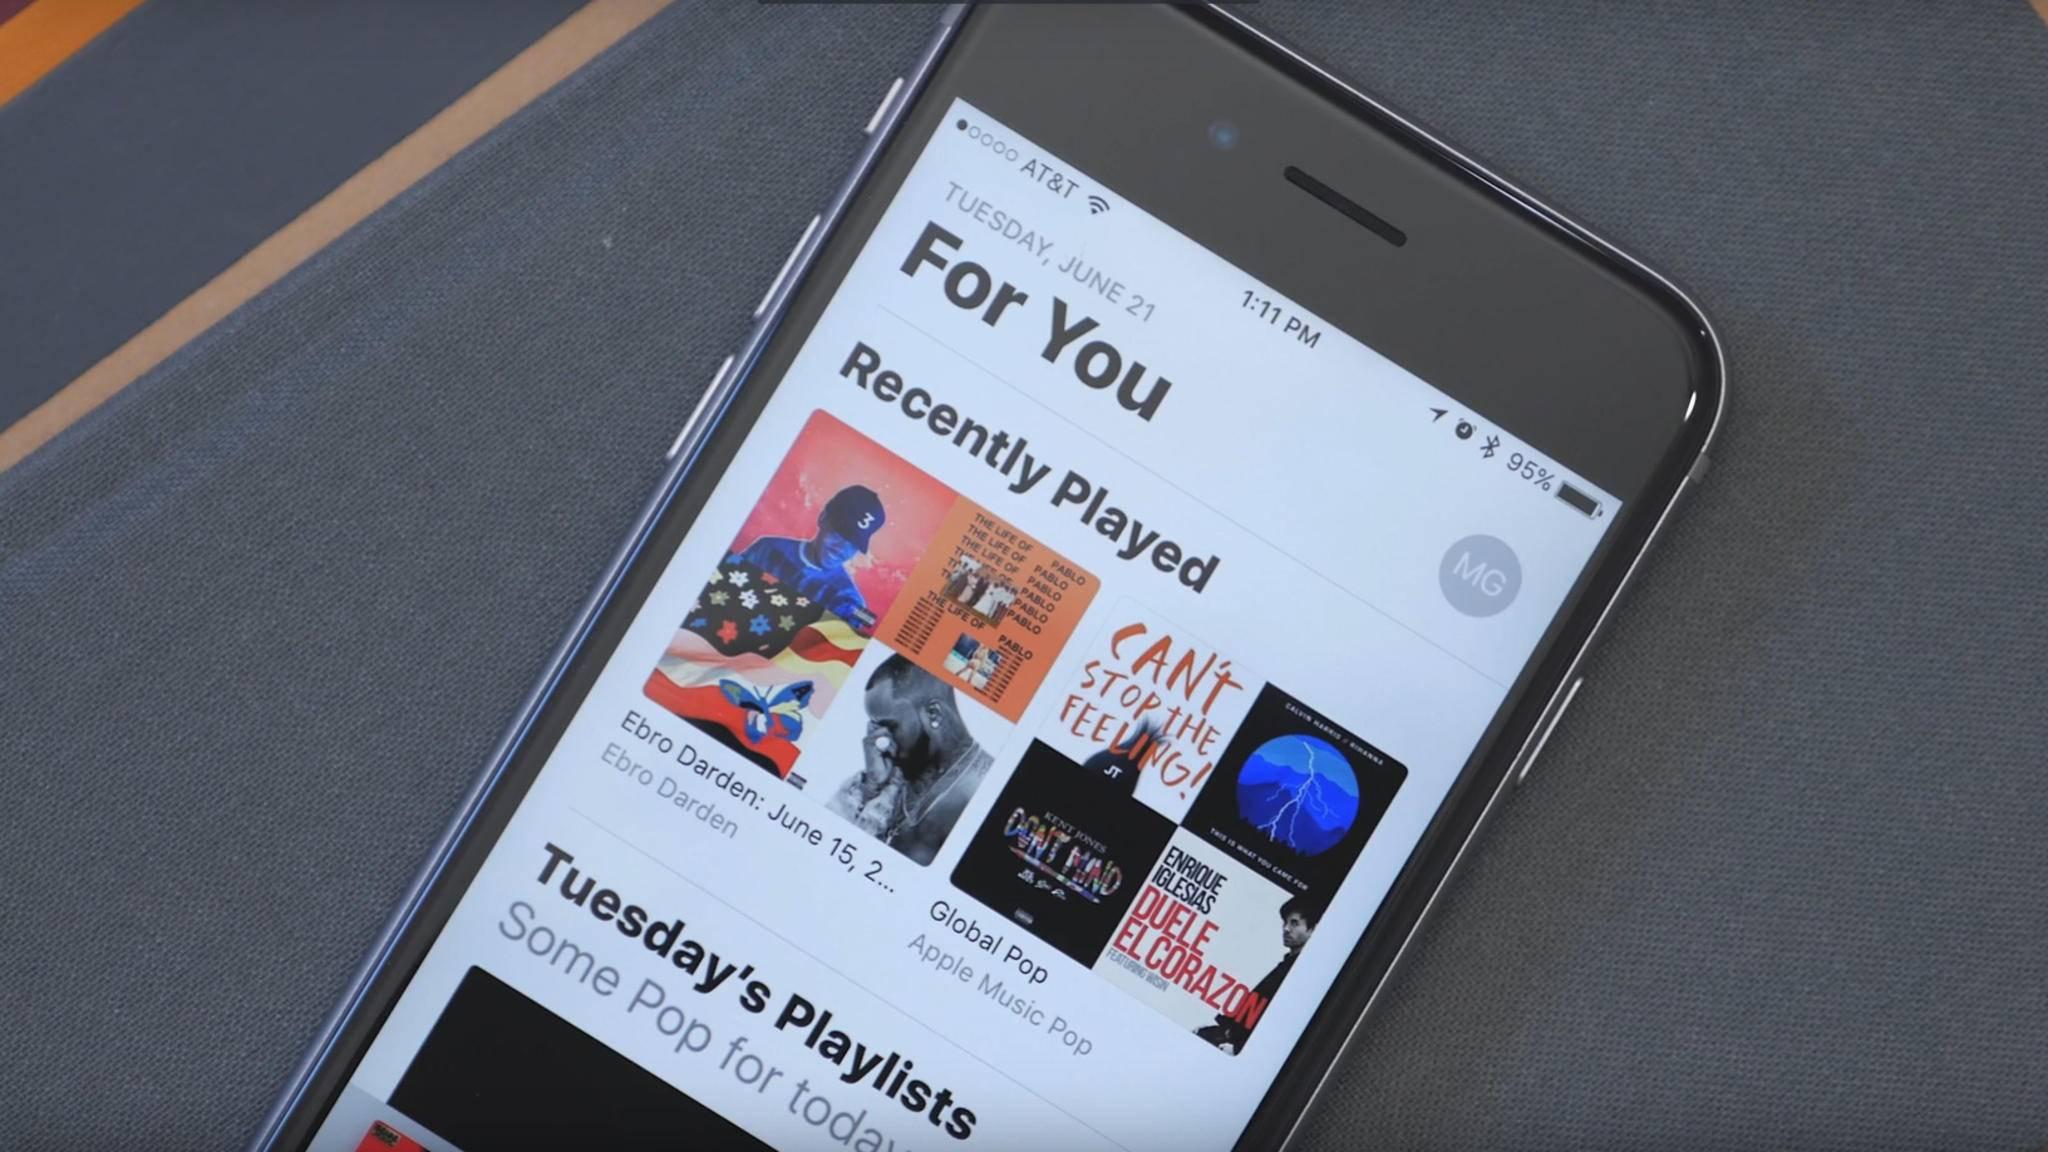 Um Musik auf das iPhone zu bekommen, gibt es Alternativen zu iTunes.